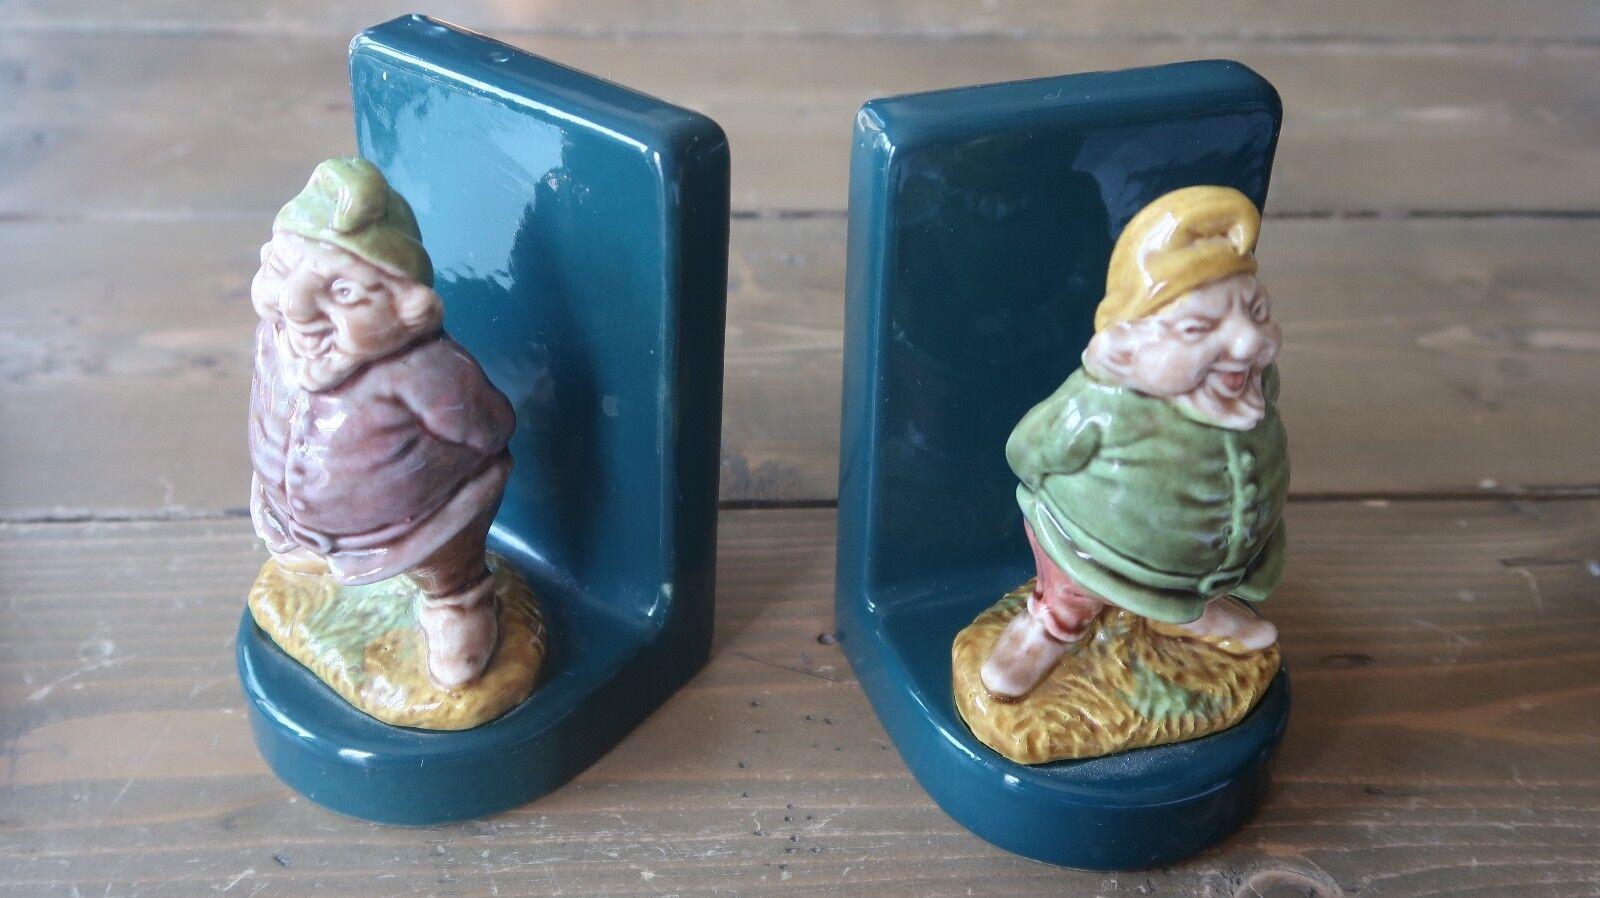 Heavy Ceramic Gnome Bookends 4.5 x 3 x 3 inches